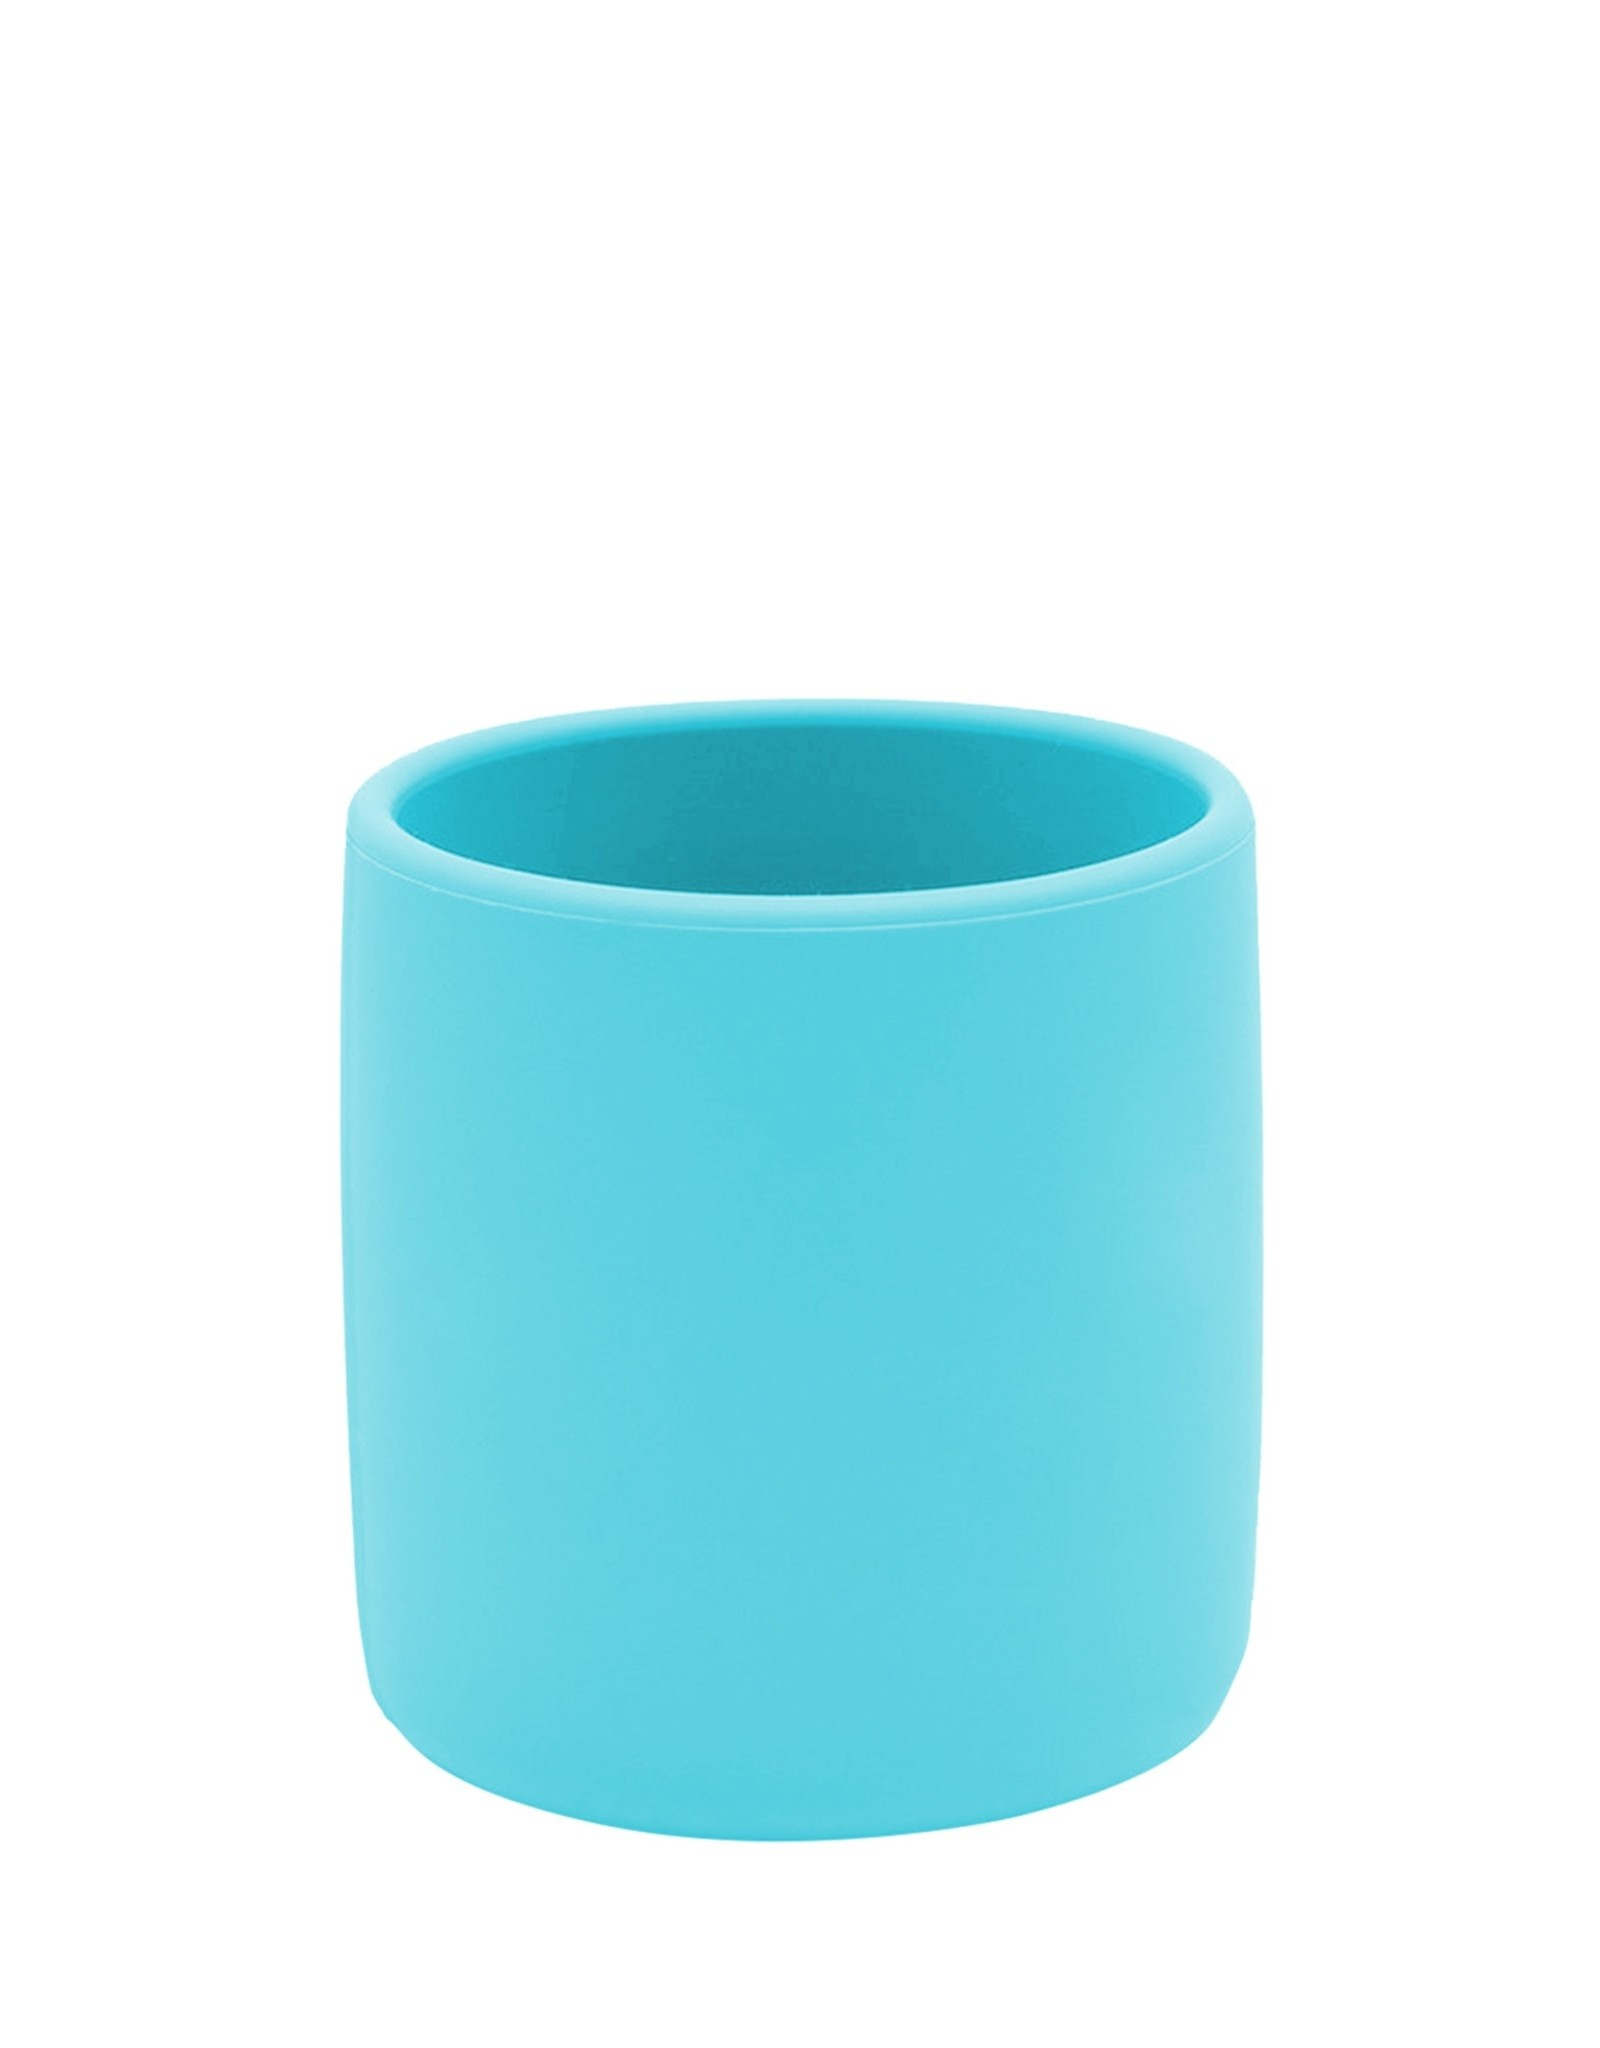 MiniKOiOi Minikoioi Beker Blauw